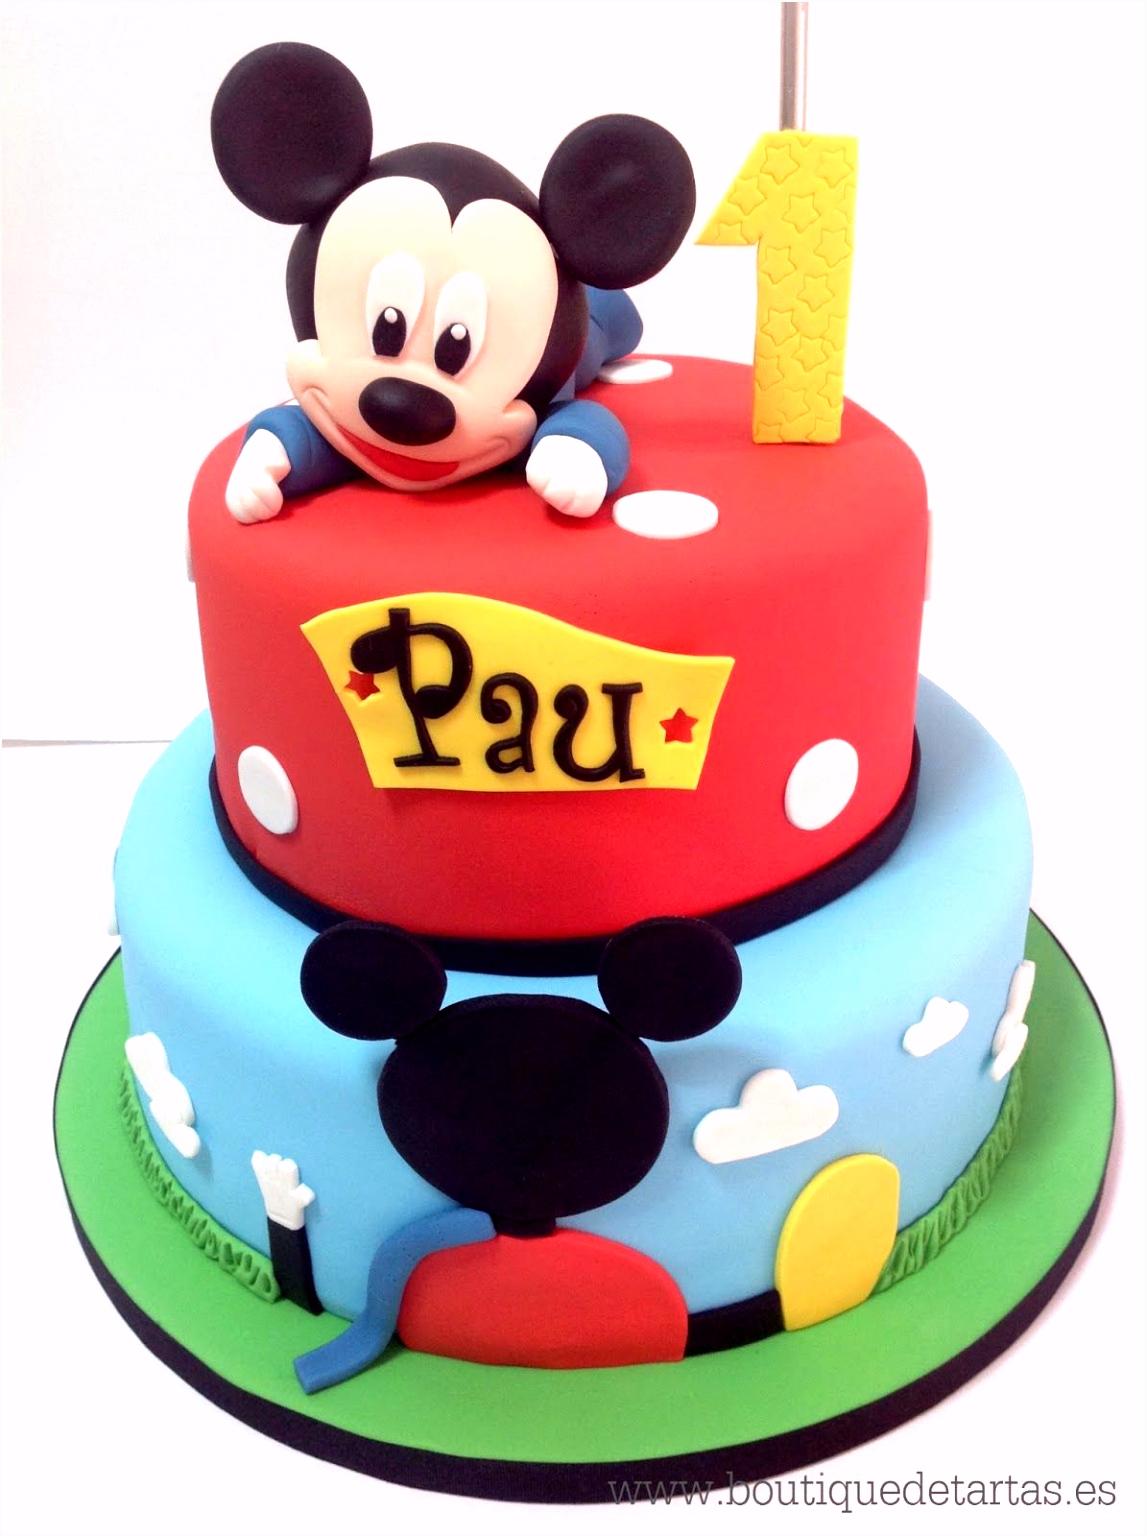 Tarta que bina La casa de Mickey Mouse y la figura modelada de